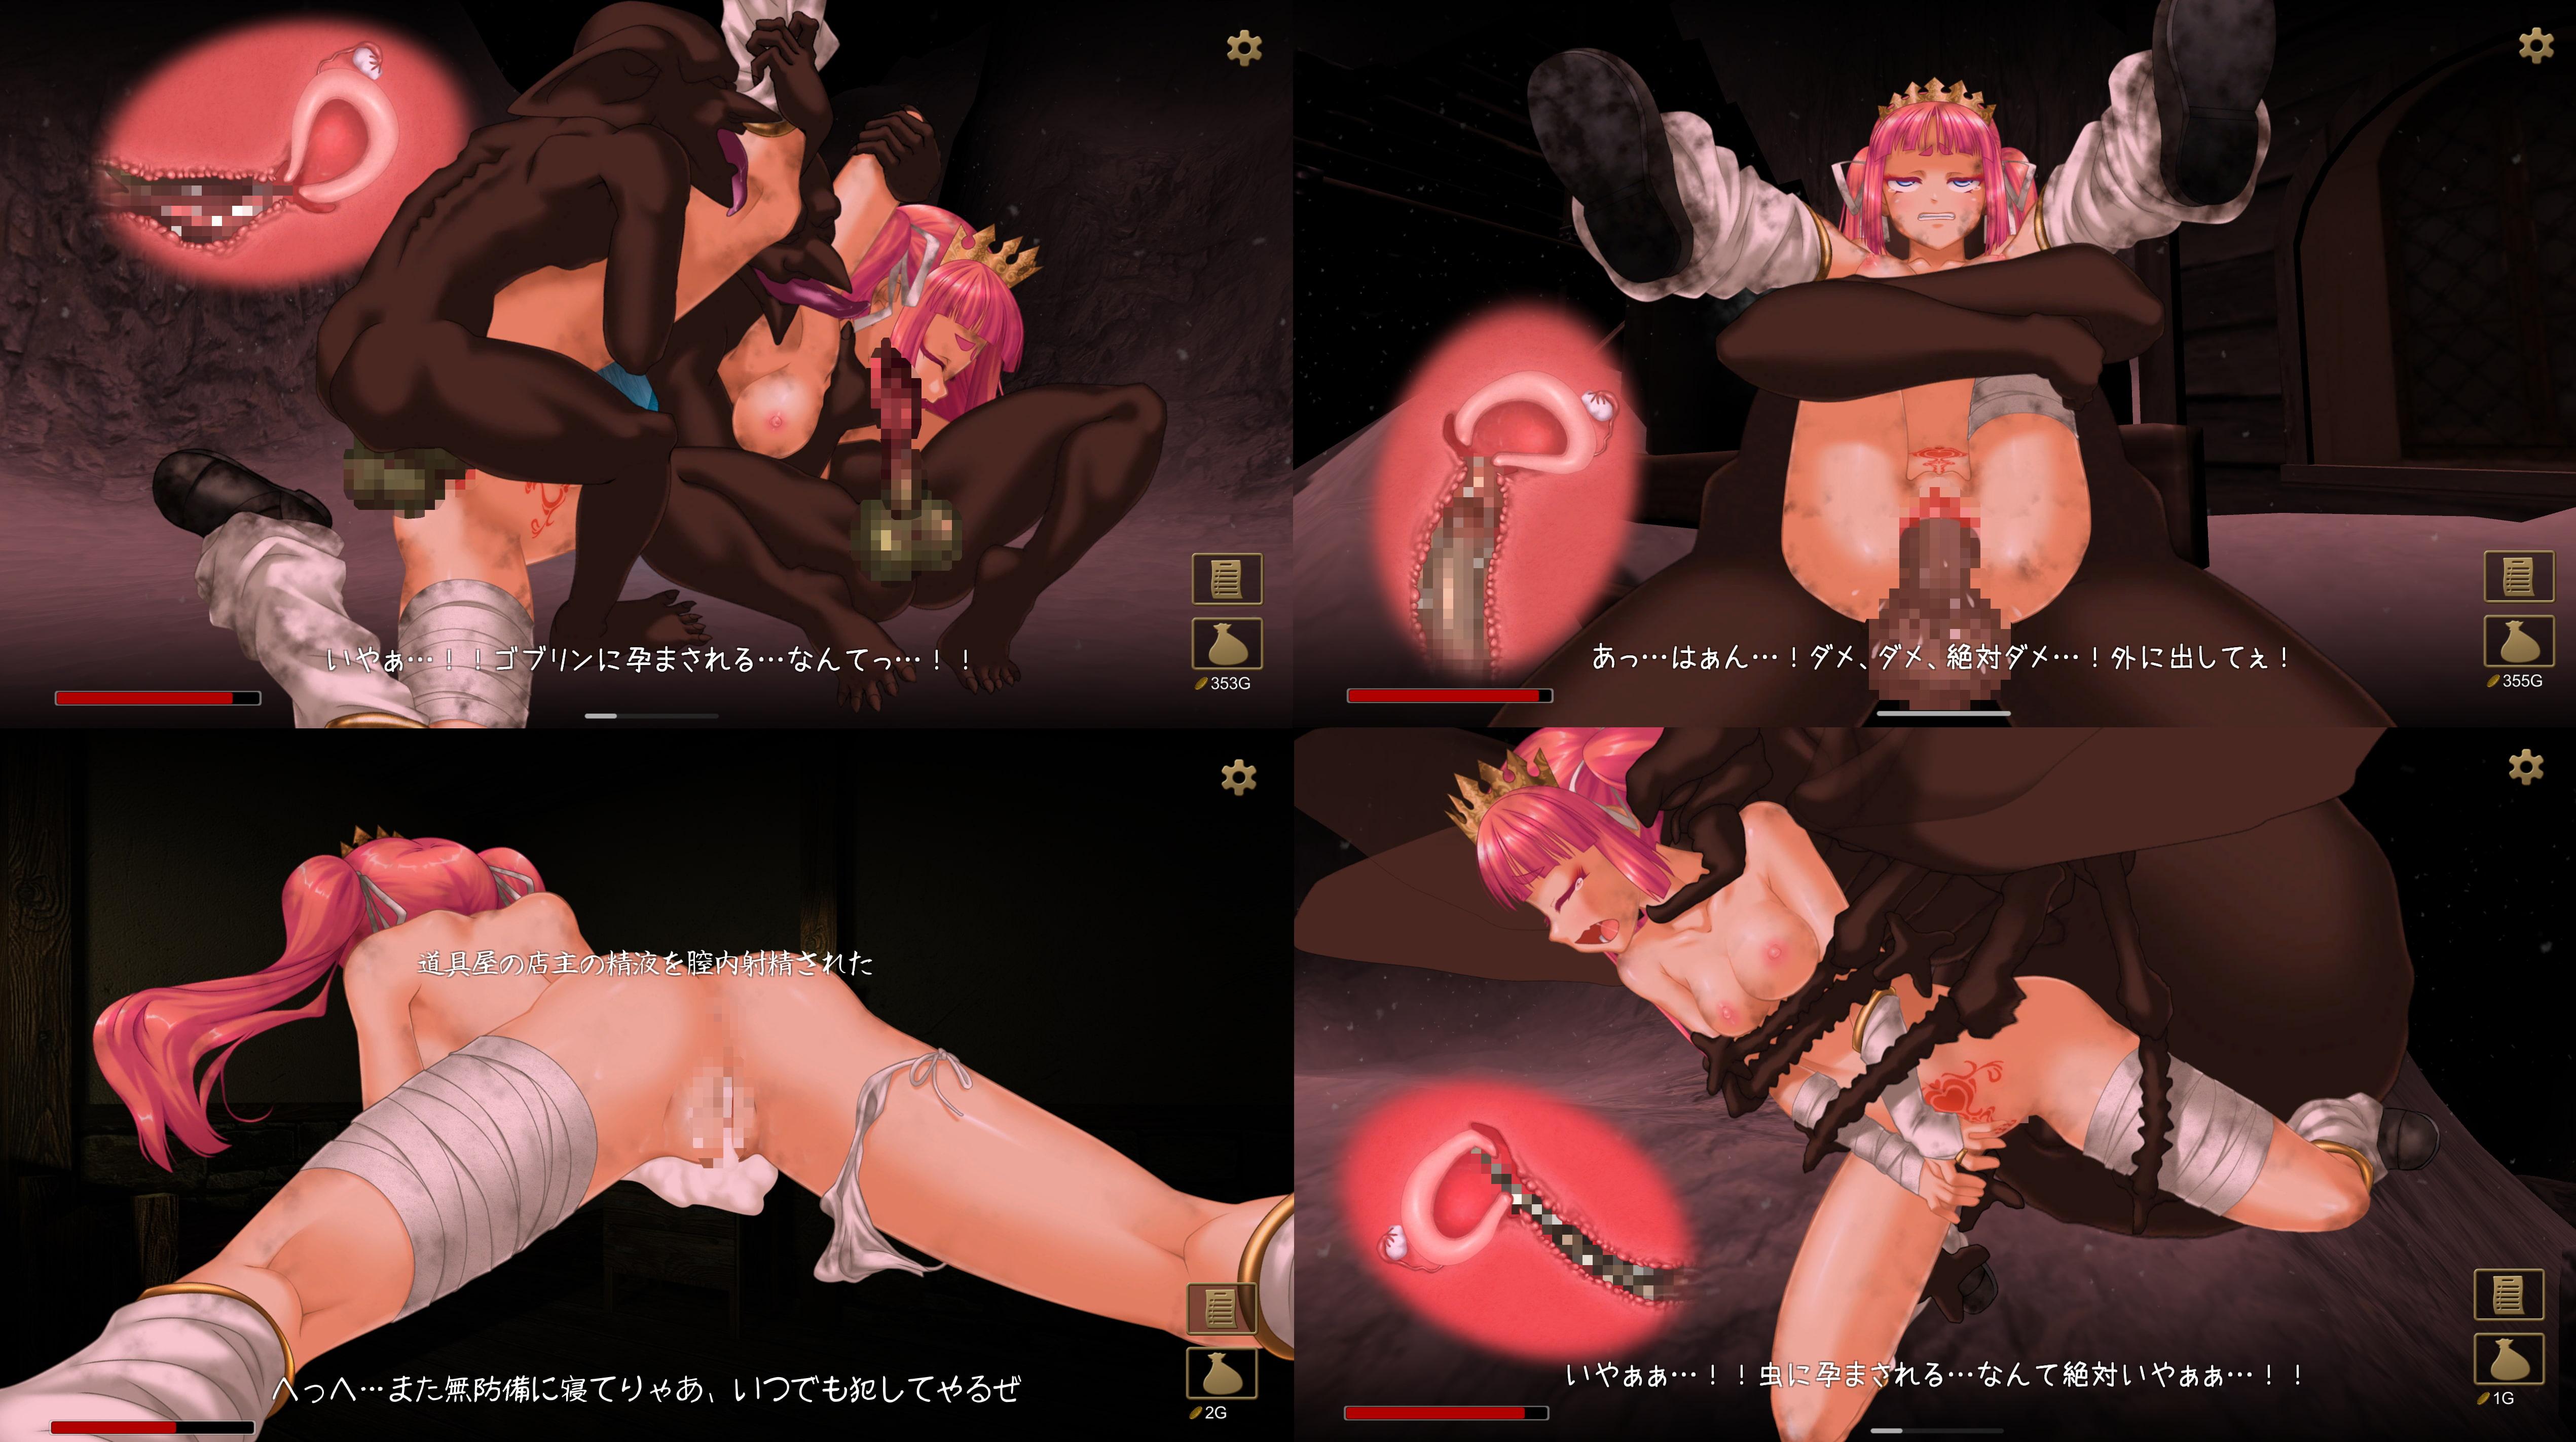 零落の姫騎士アナスティア〜どの種族の精子でも受精する呪いの淫紋〜 [mico]